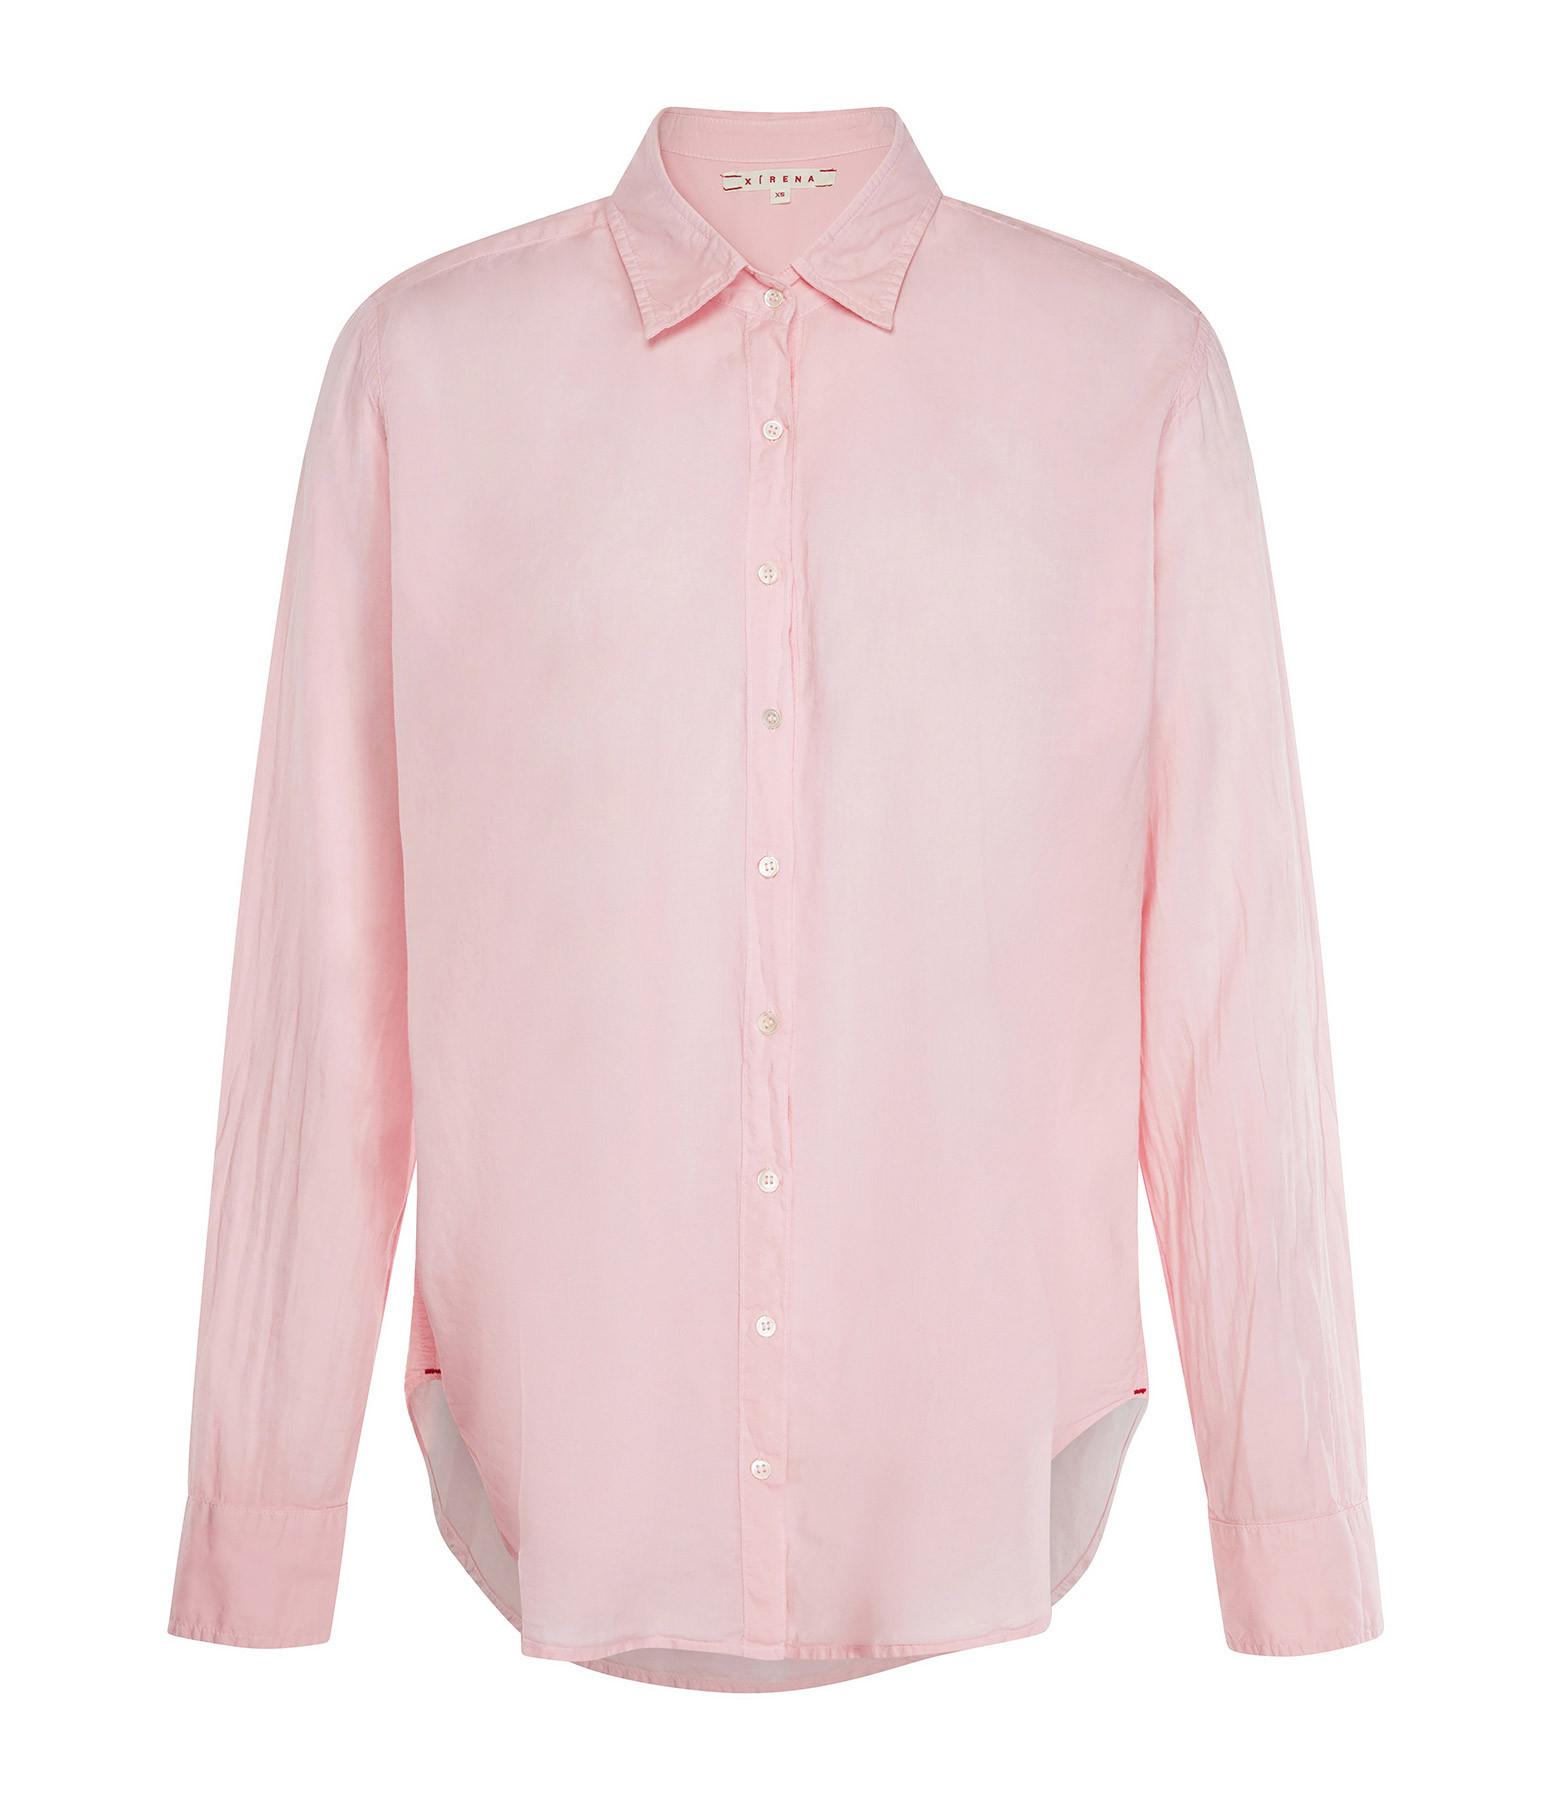 XIRENA - Chemise Beau Coton Rose Corail